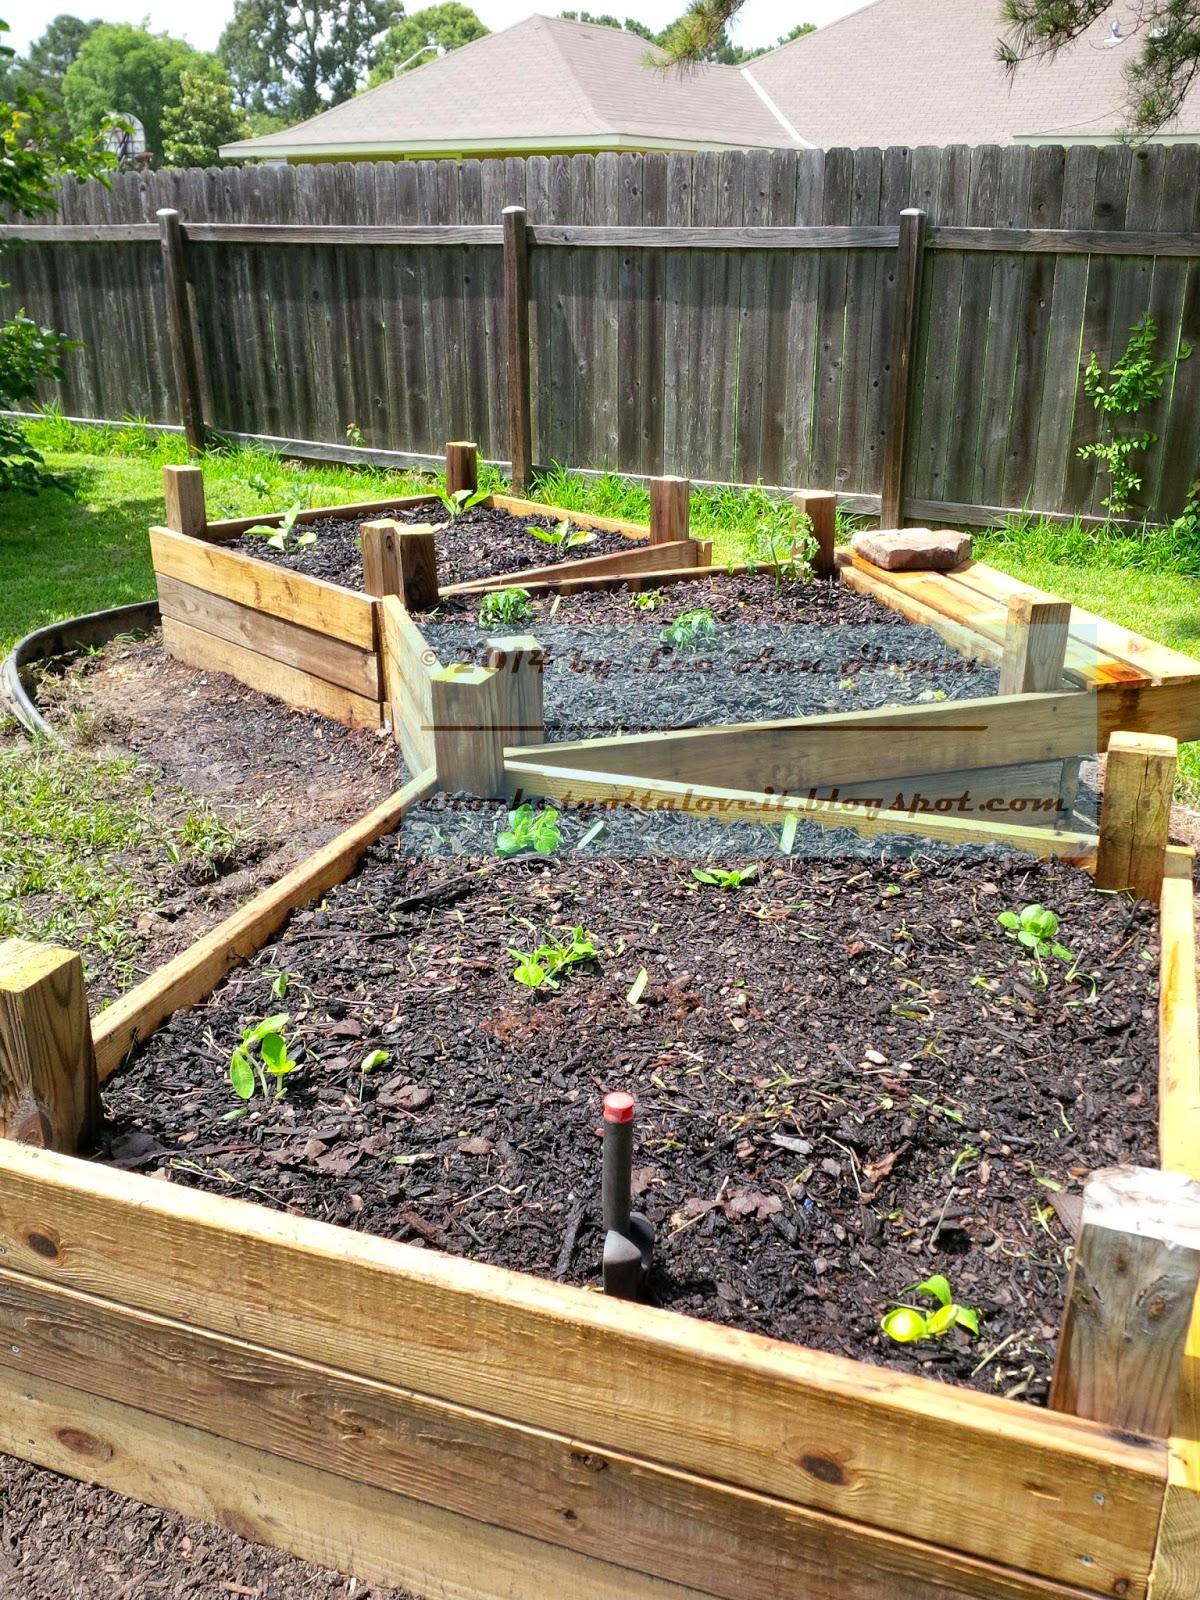 http://3.bp.blogspot.com/-4Eg70Btetls/U54SLdetjAI/AAAAAAAADsk/ej4yv1qMHGU/s1600/GARDEN_making+raised+gardens+4x4,+May+31,+2014+(54)(1).jpg.jpg.jpg